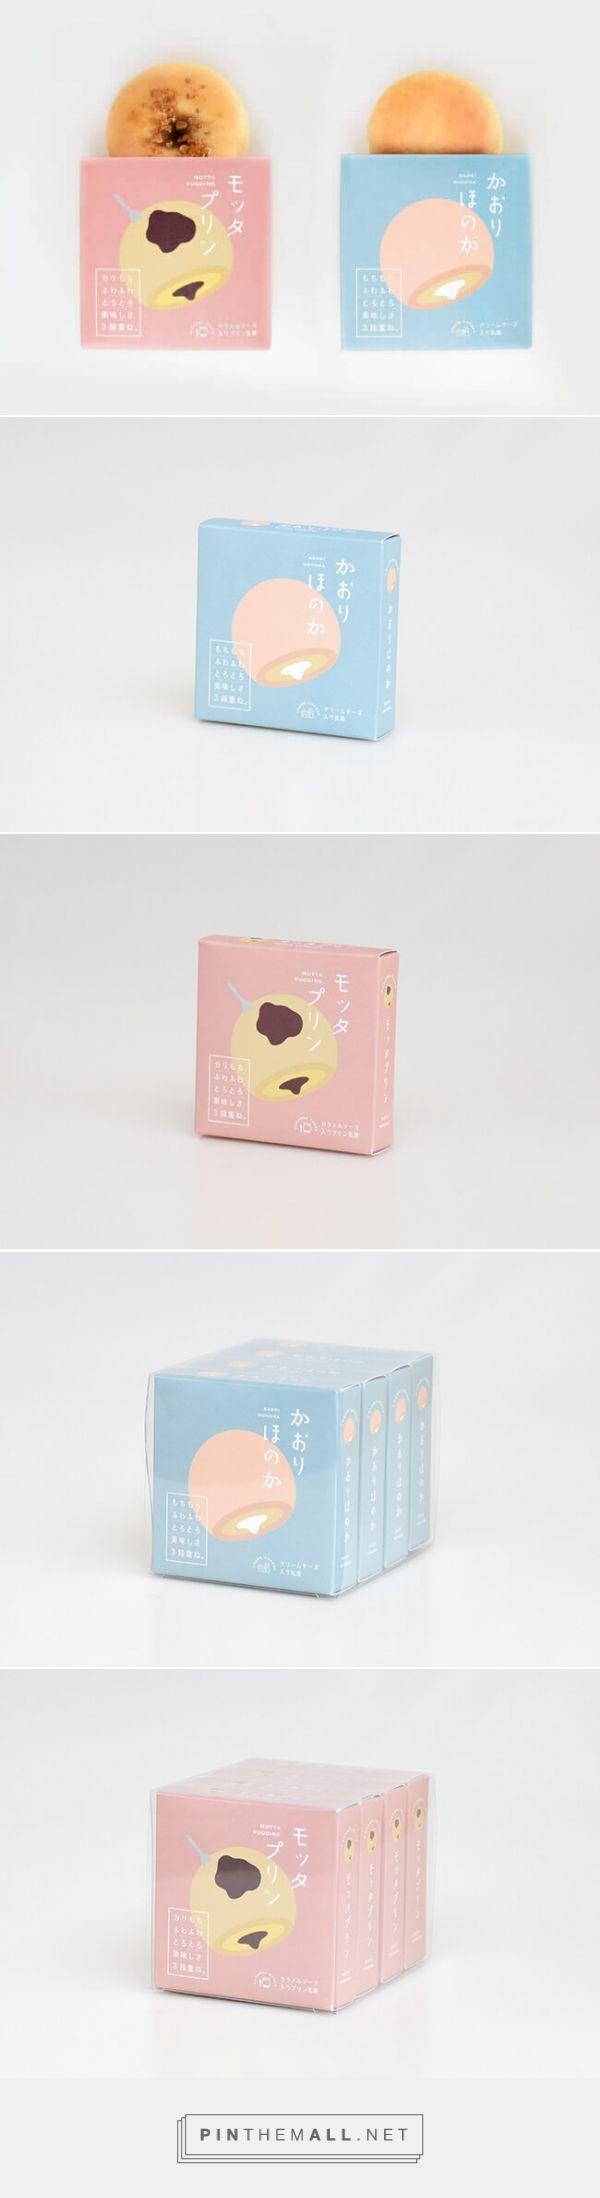 かわいいイラストをモチーフにした連動性のあるパッケージデザイン [パッケージデザイン実績 190]|デザイン会社 ブランディング・パッケージのキョウツウデザイン - created via https://pinthemall.net